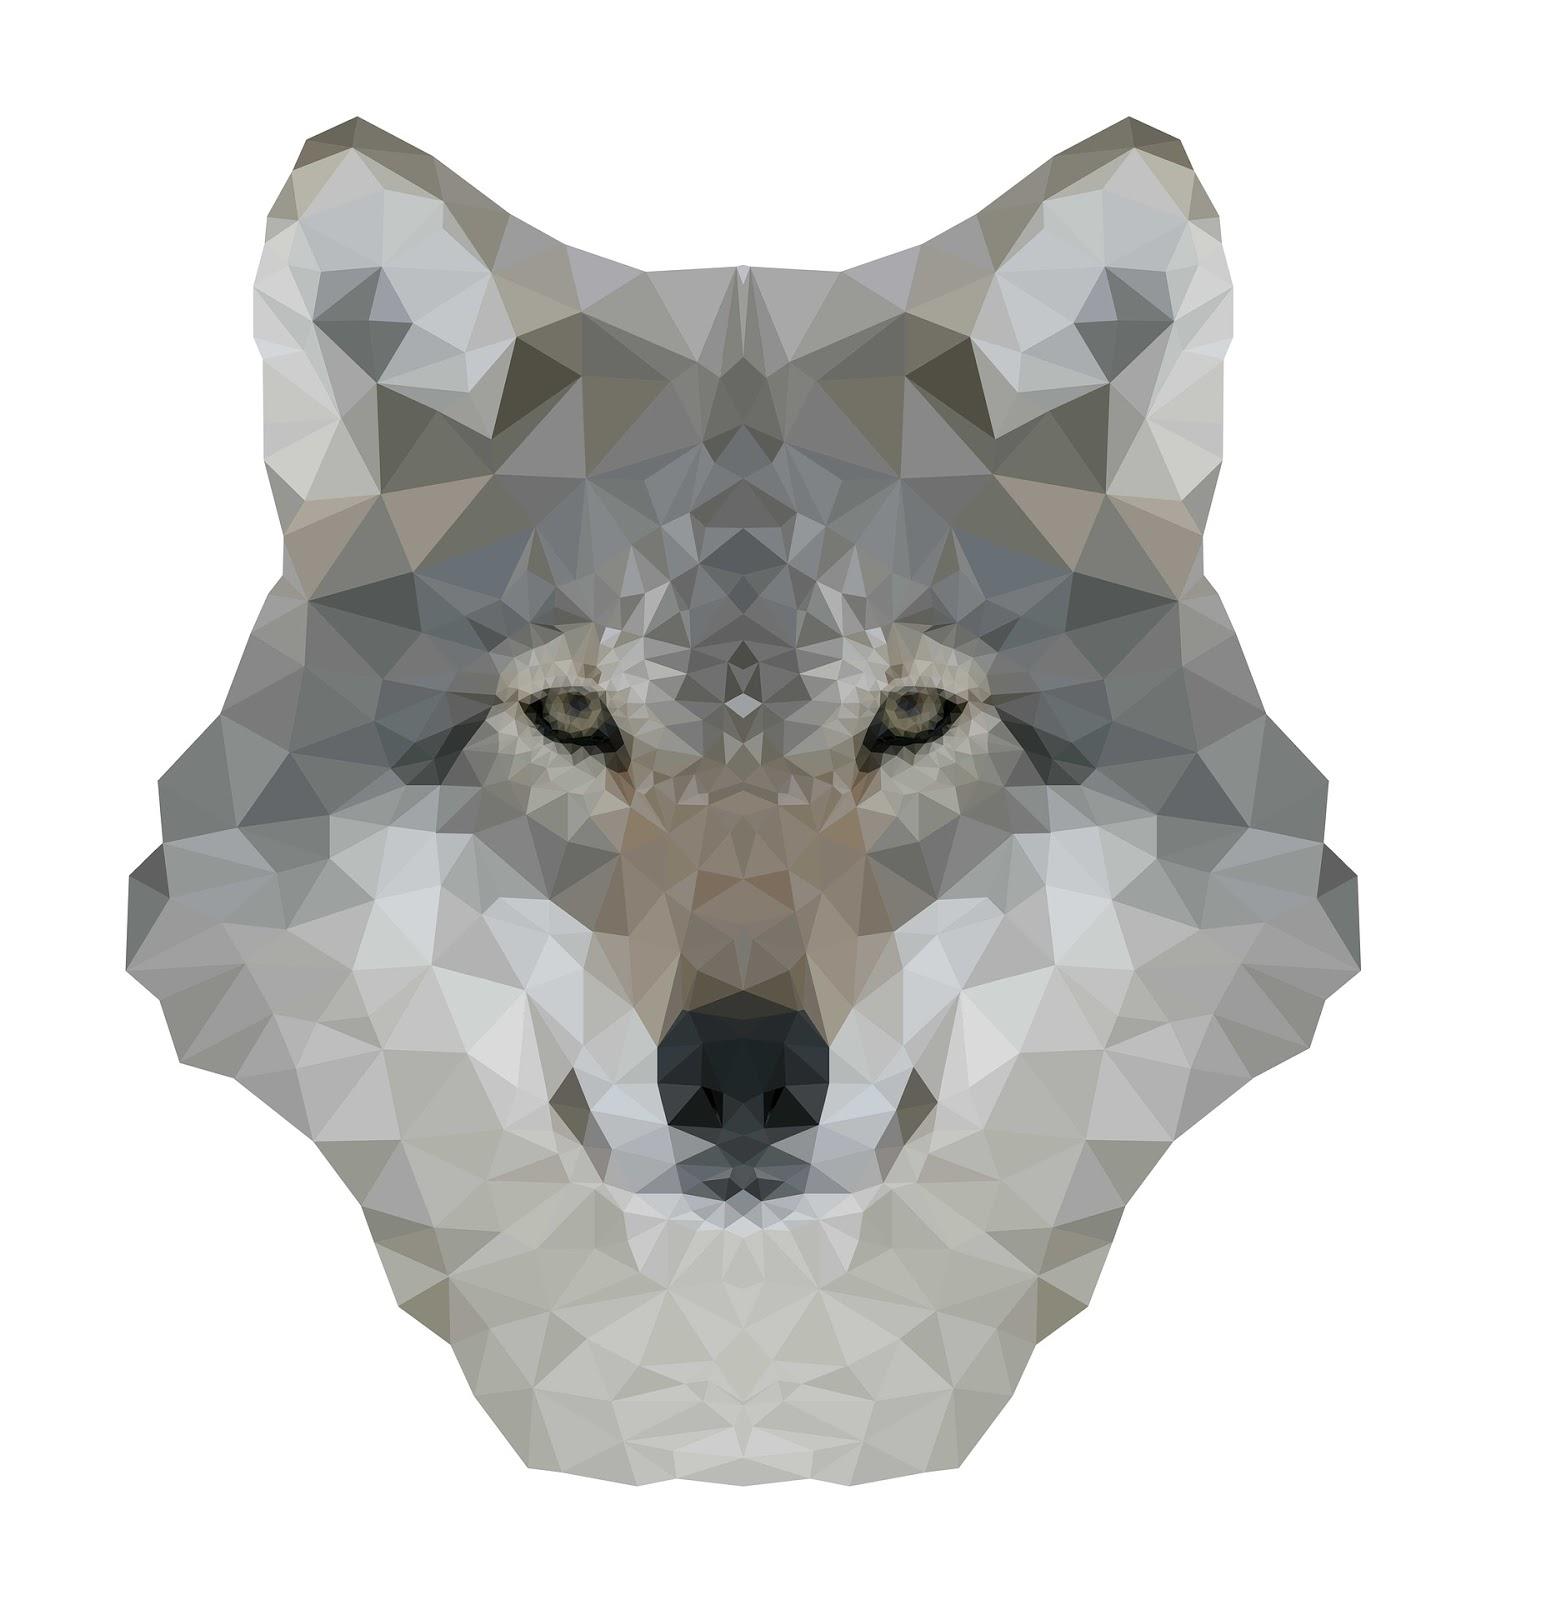 Wilk Symbol Instynktu Siły I Okrucieństwa Myśli W Wielkim Mieście